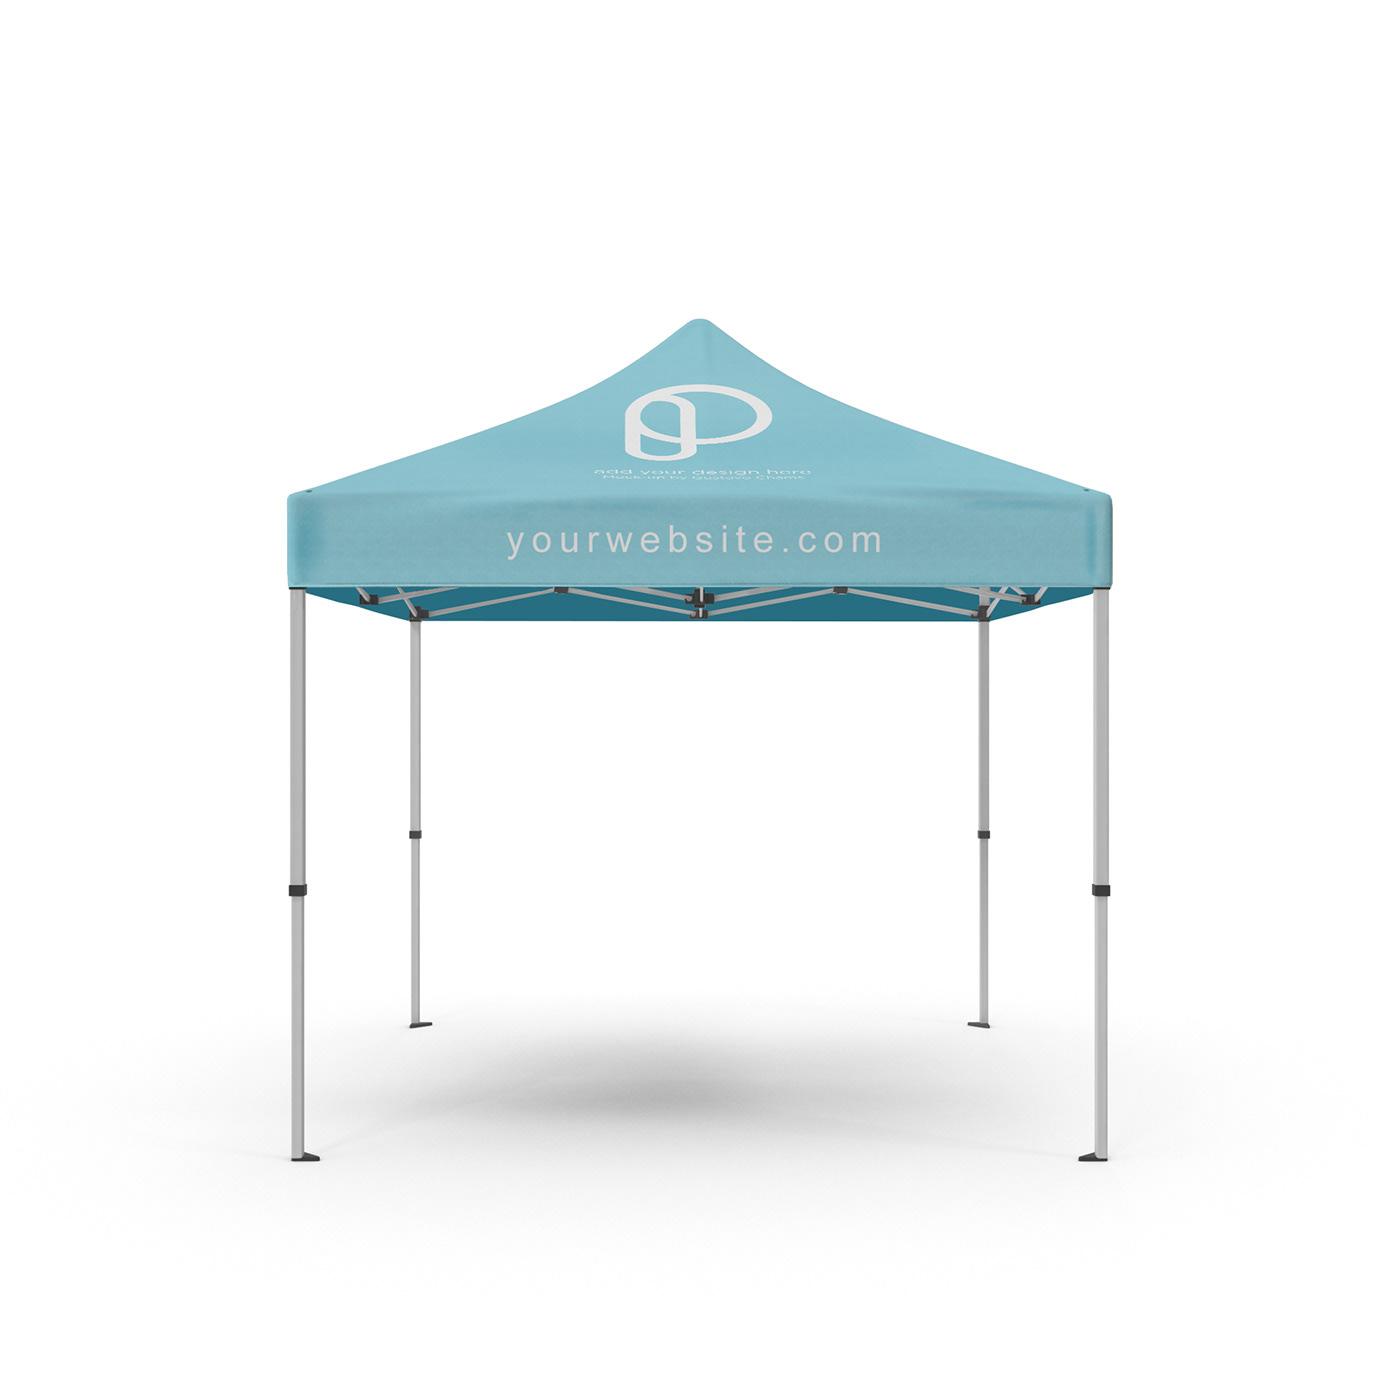 PSD Etkinlik Çadırı Mockup